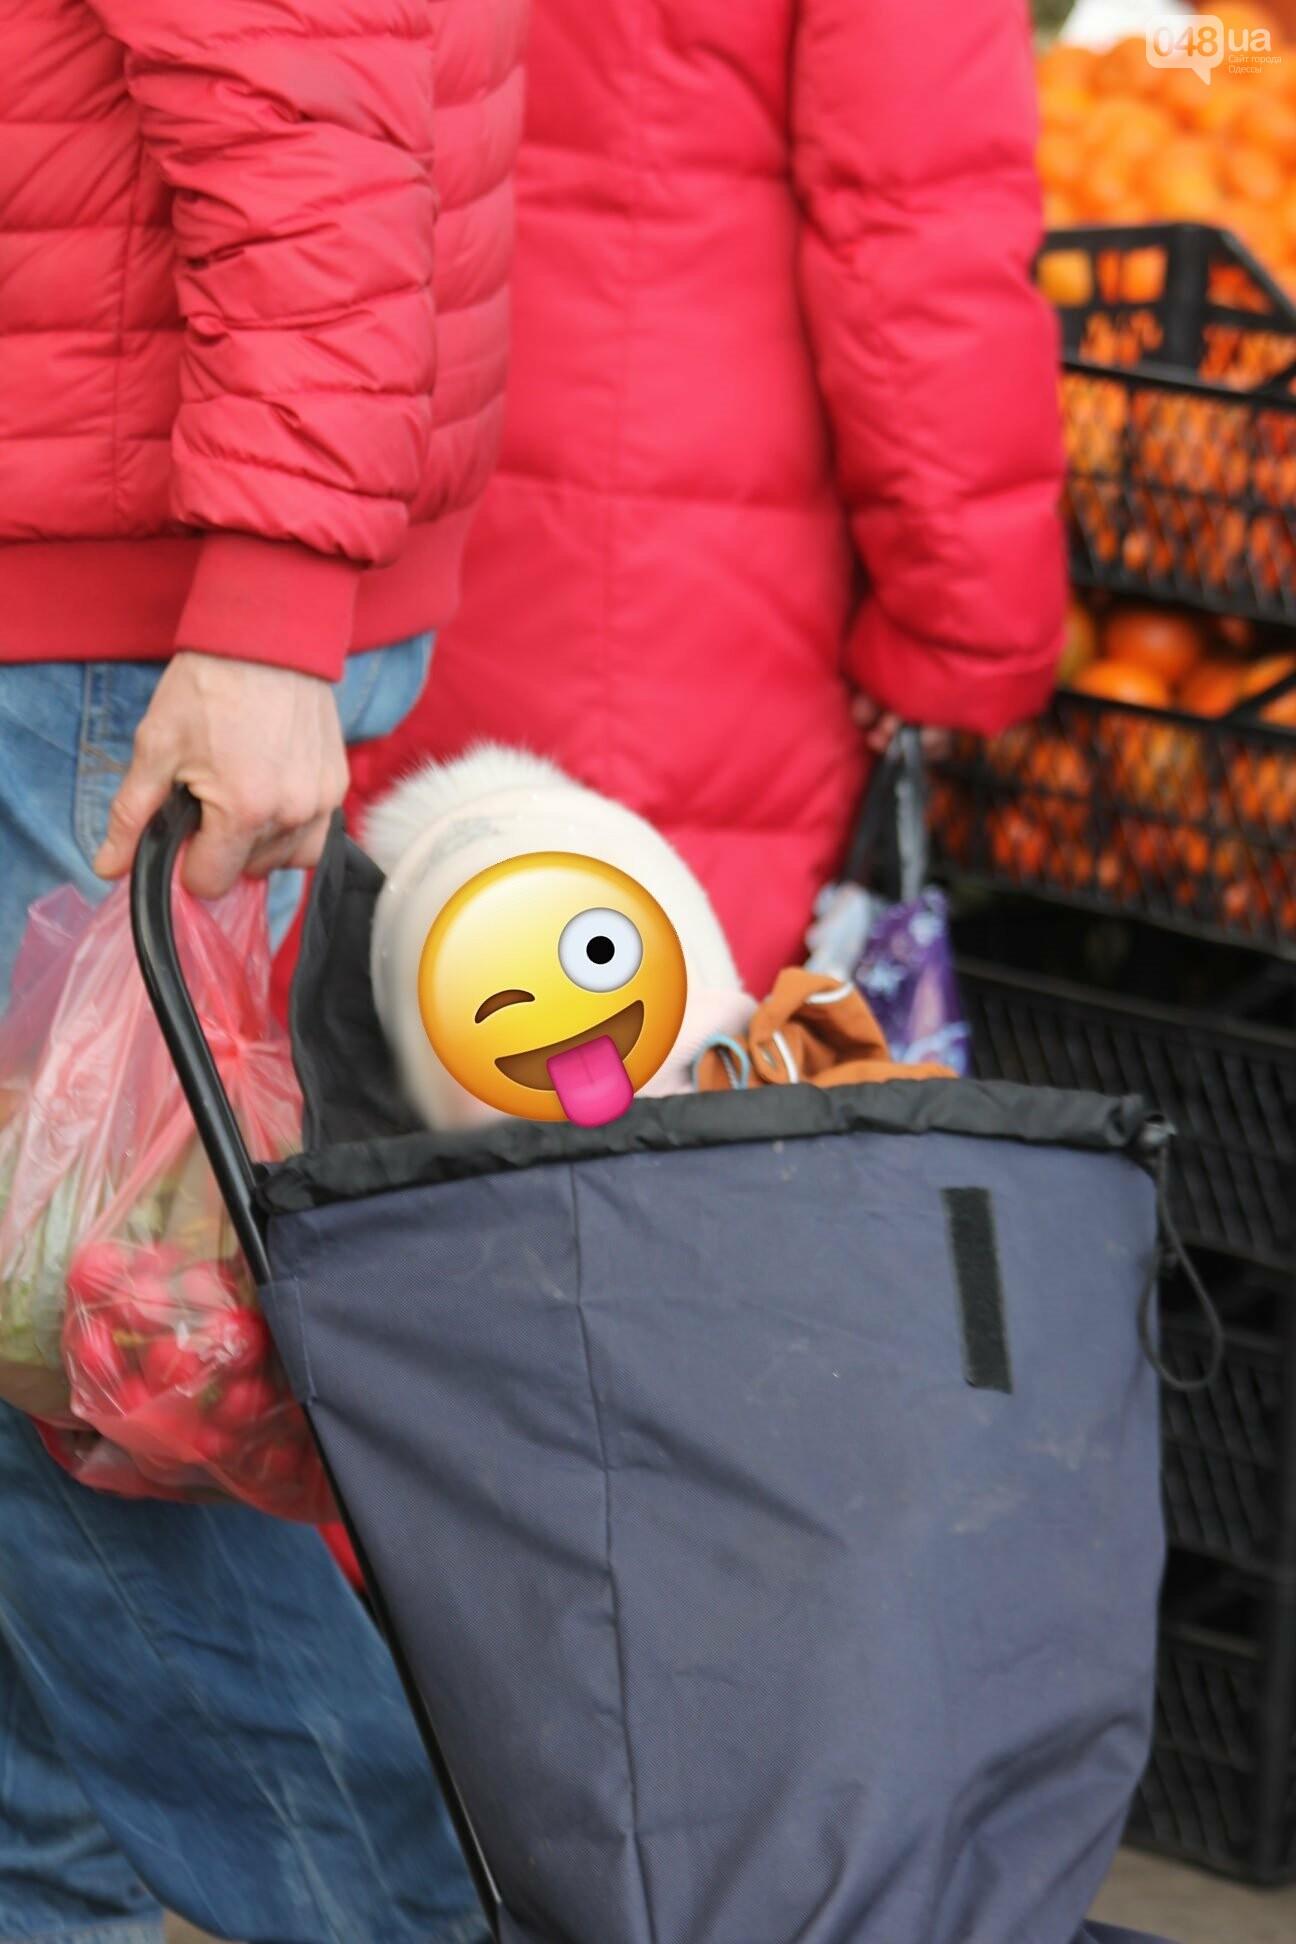 Папа вам не мама: в Одессе на Привозе ребёнка посадили в сумку, - ФОТОФАКТ, фото-1